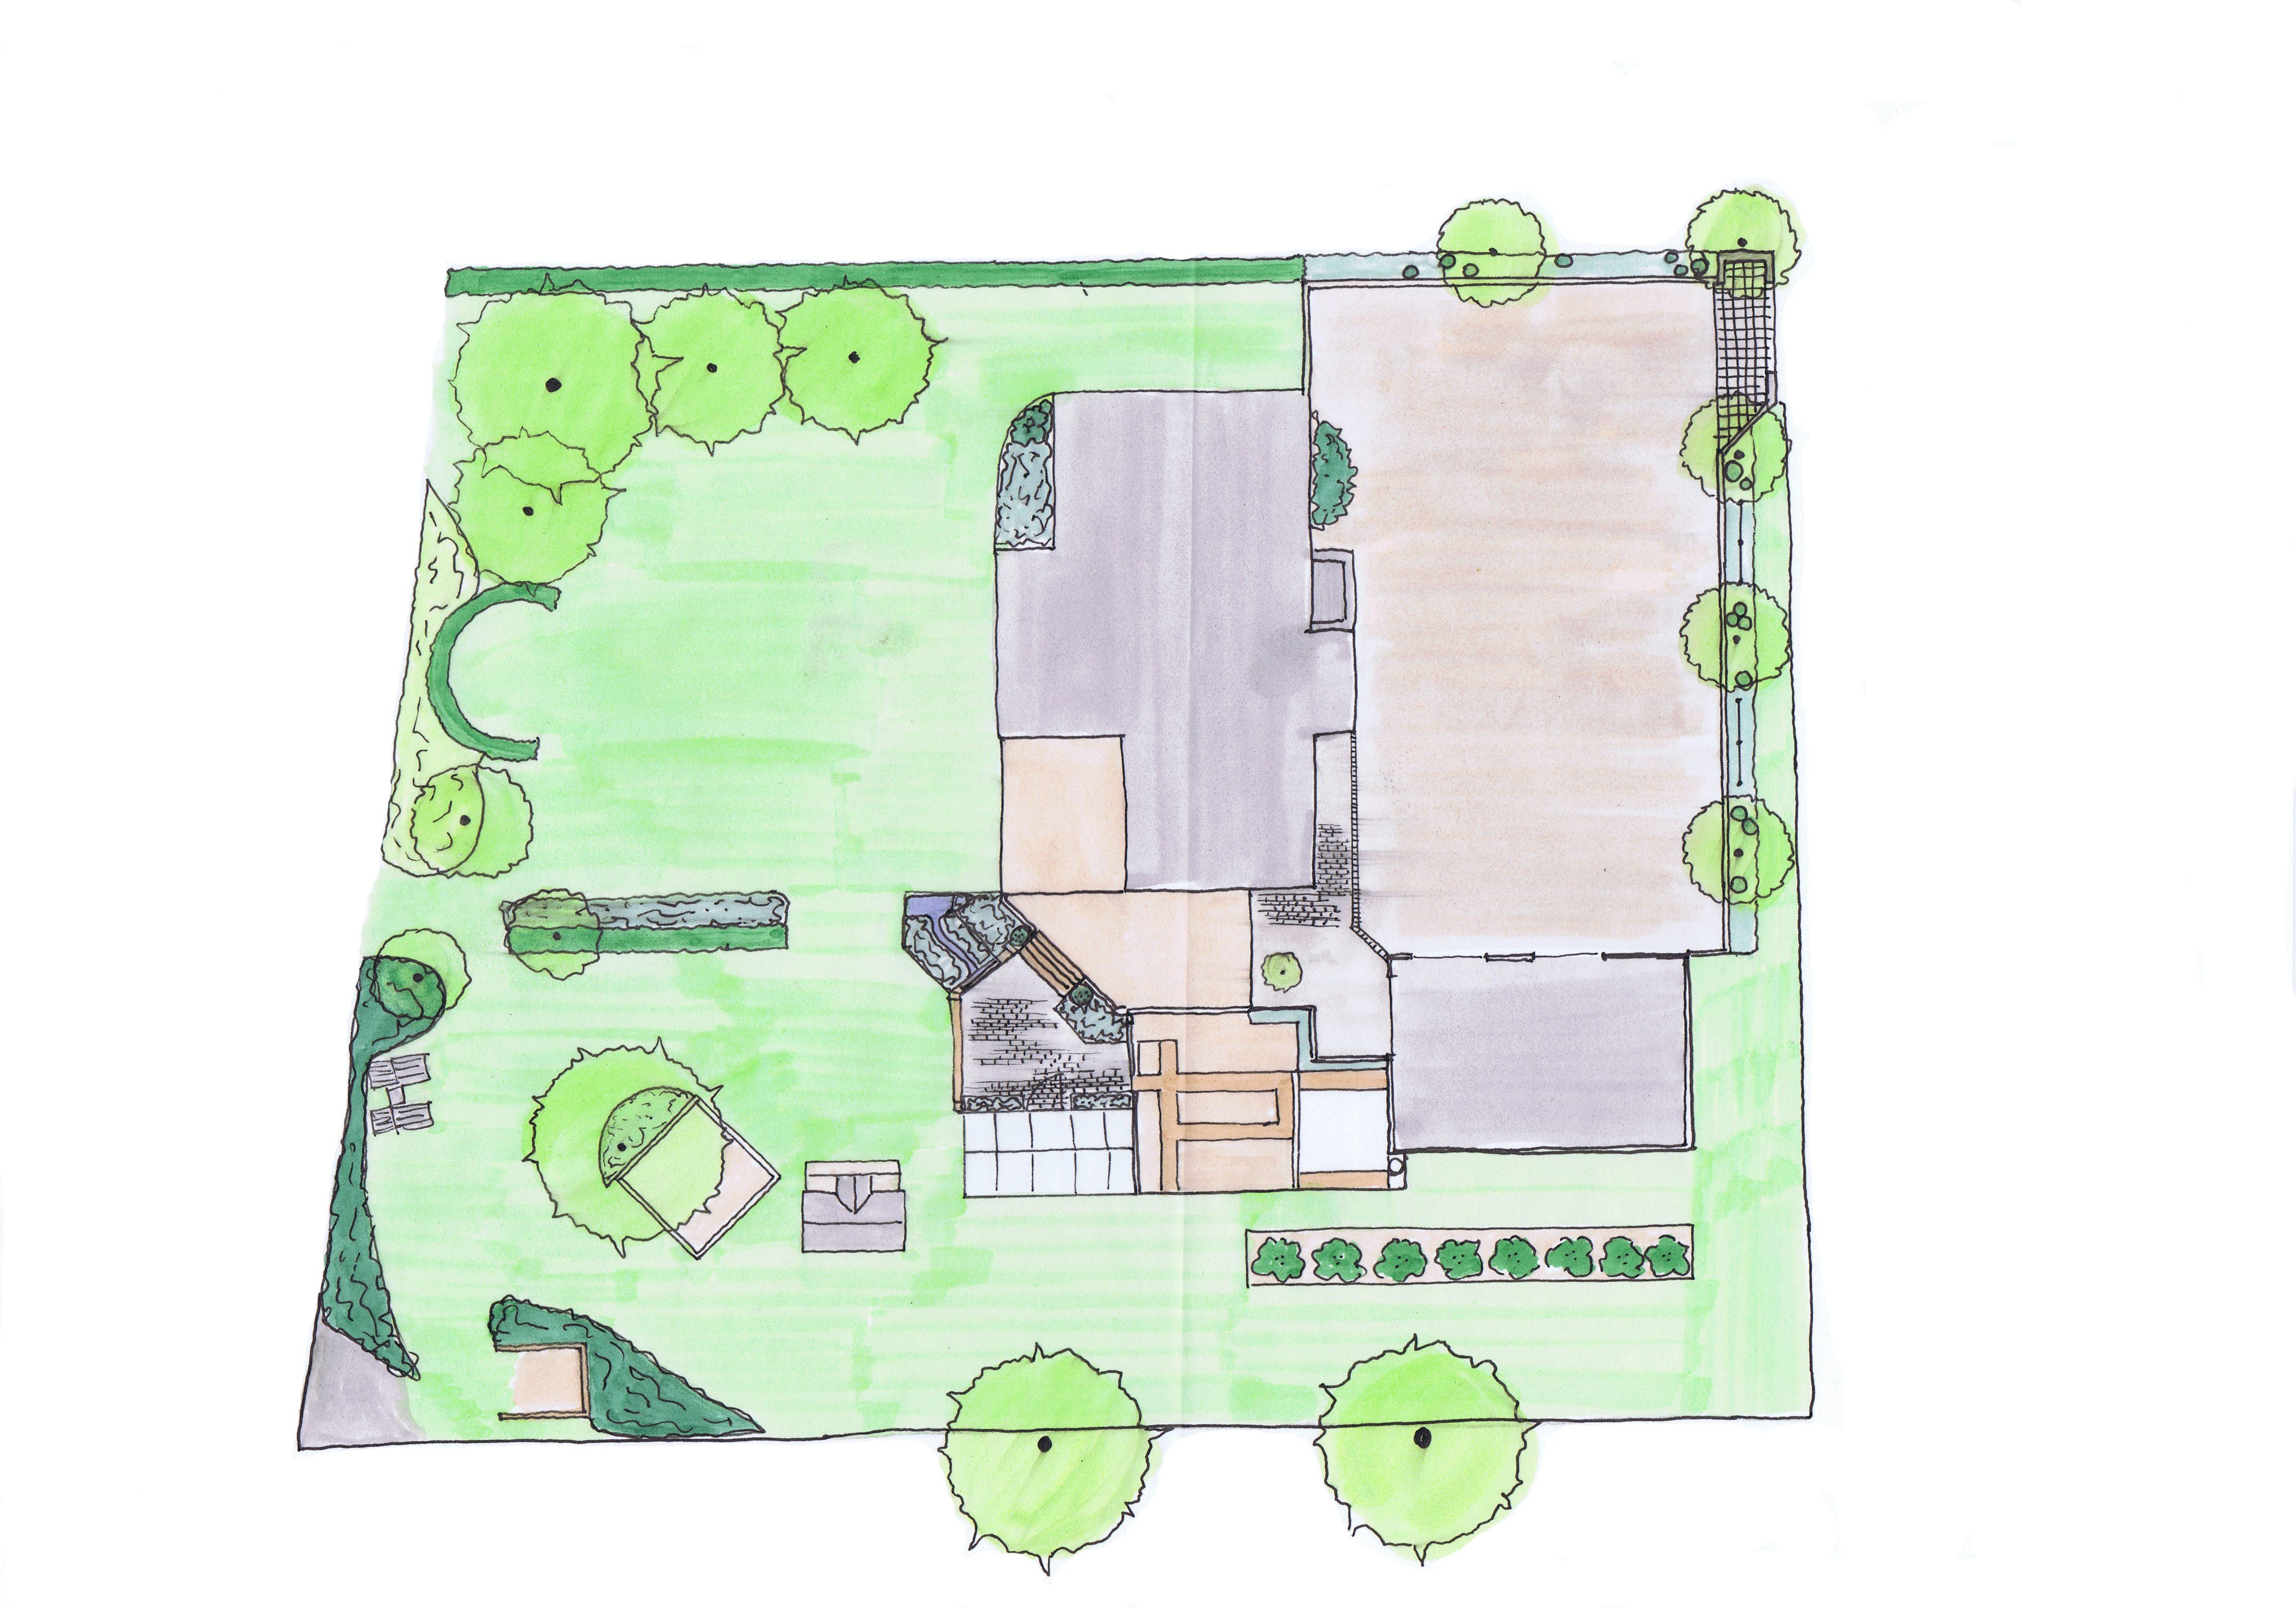 Trädgårdsdesign, villaträdgård, barnträdgård, Trädgårdsarkitektur